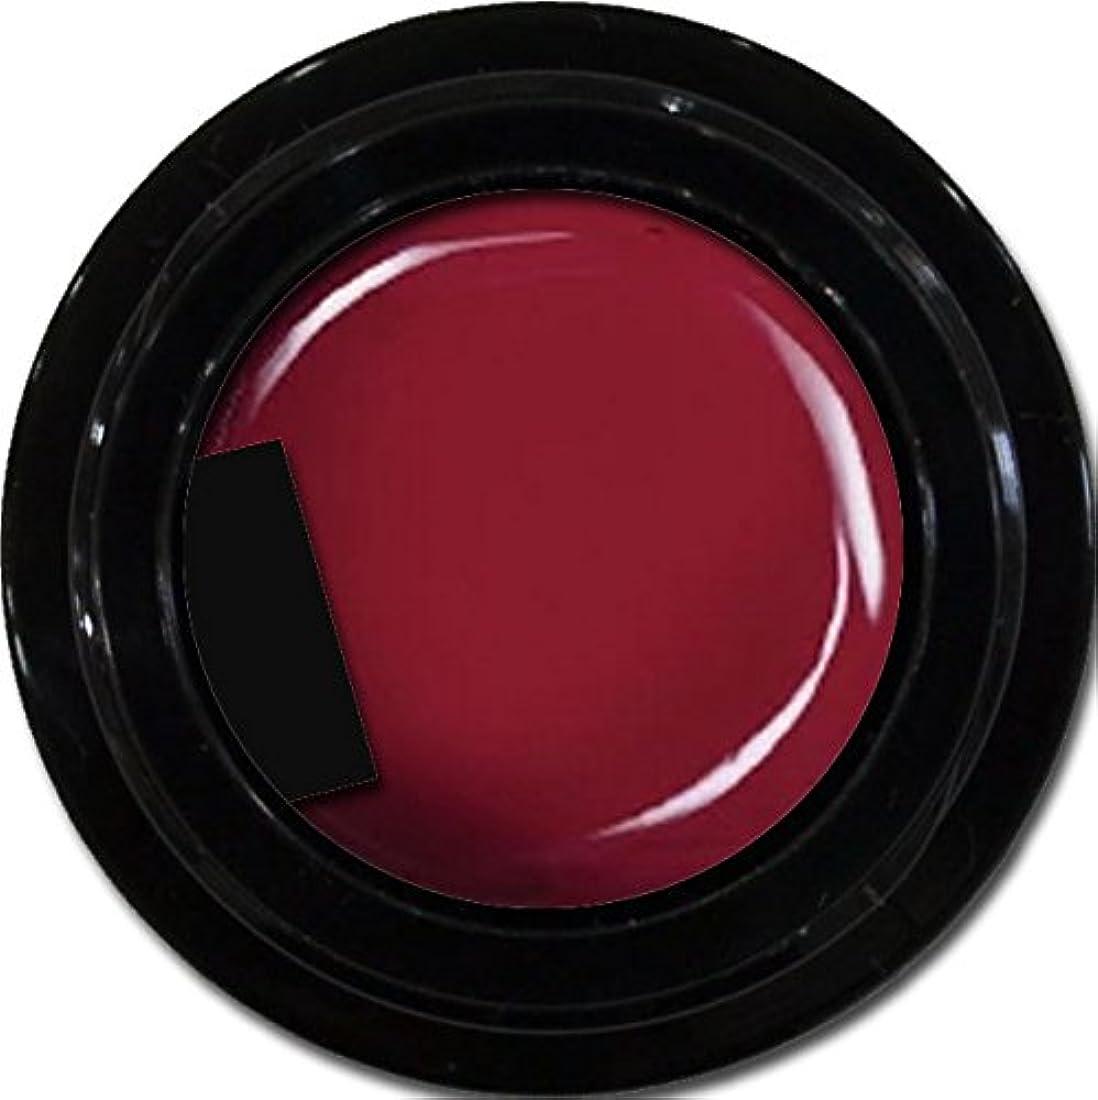 懲戒勧告フェードアウトカラージェル enchant color gel M408 PlumJerry 3g/ マットカラージェル M408プラムジェリー 3グラム